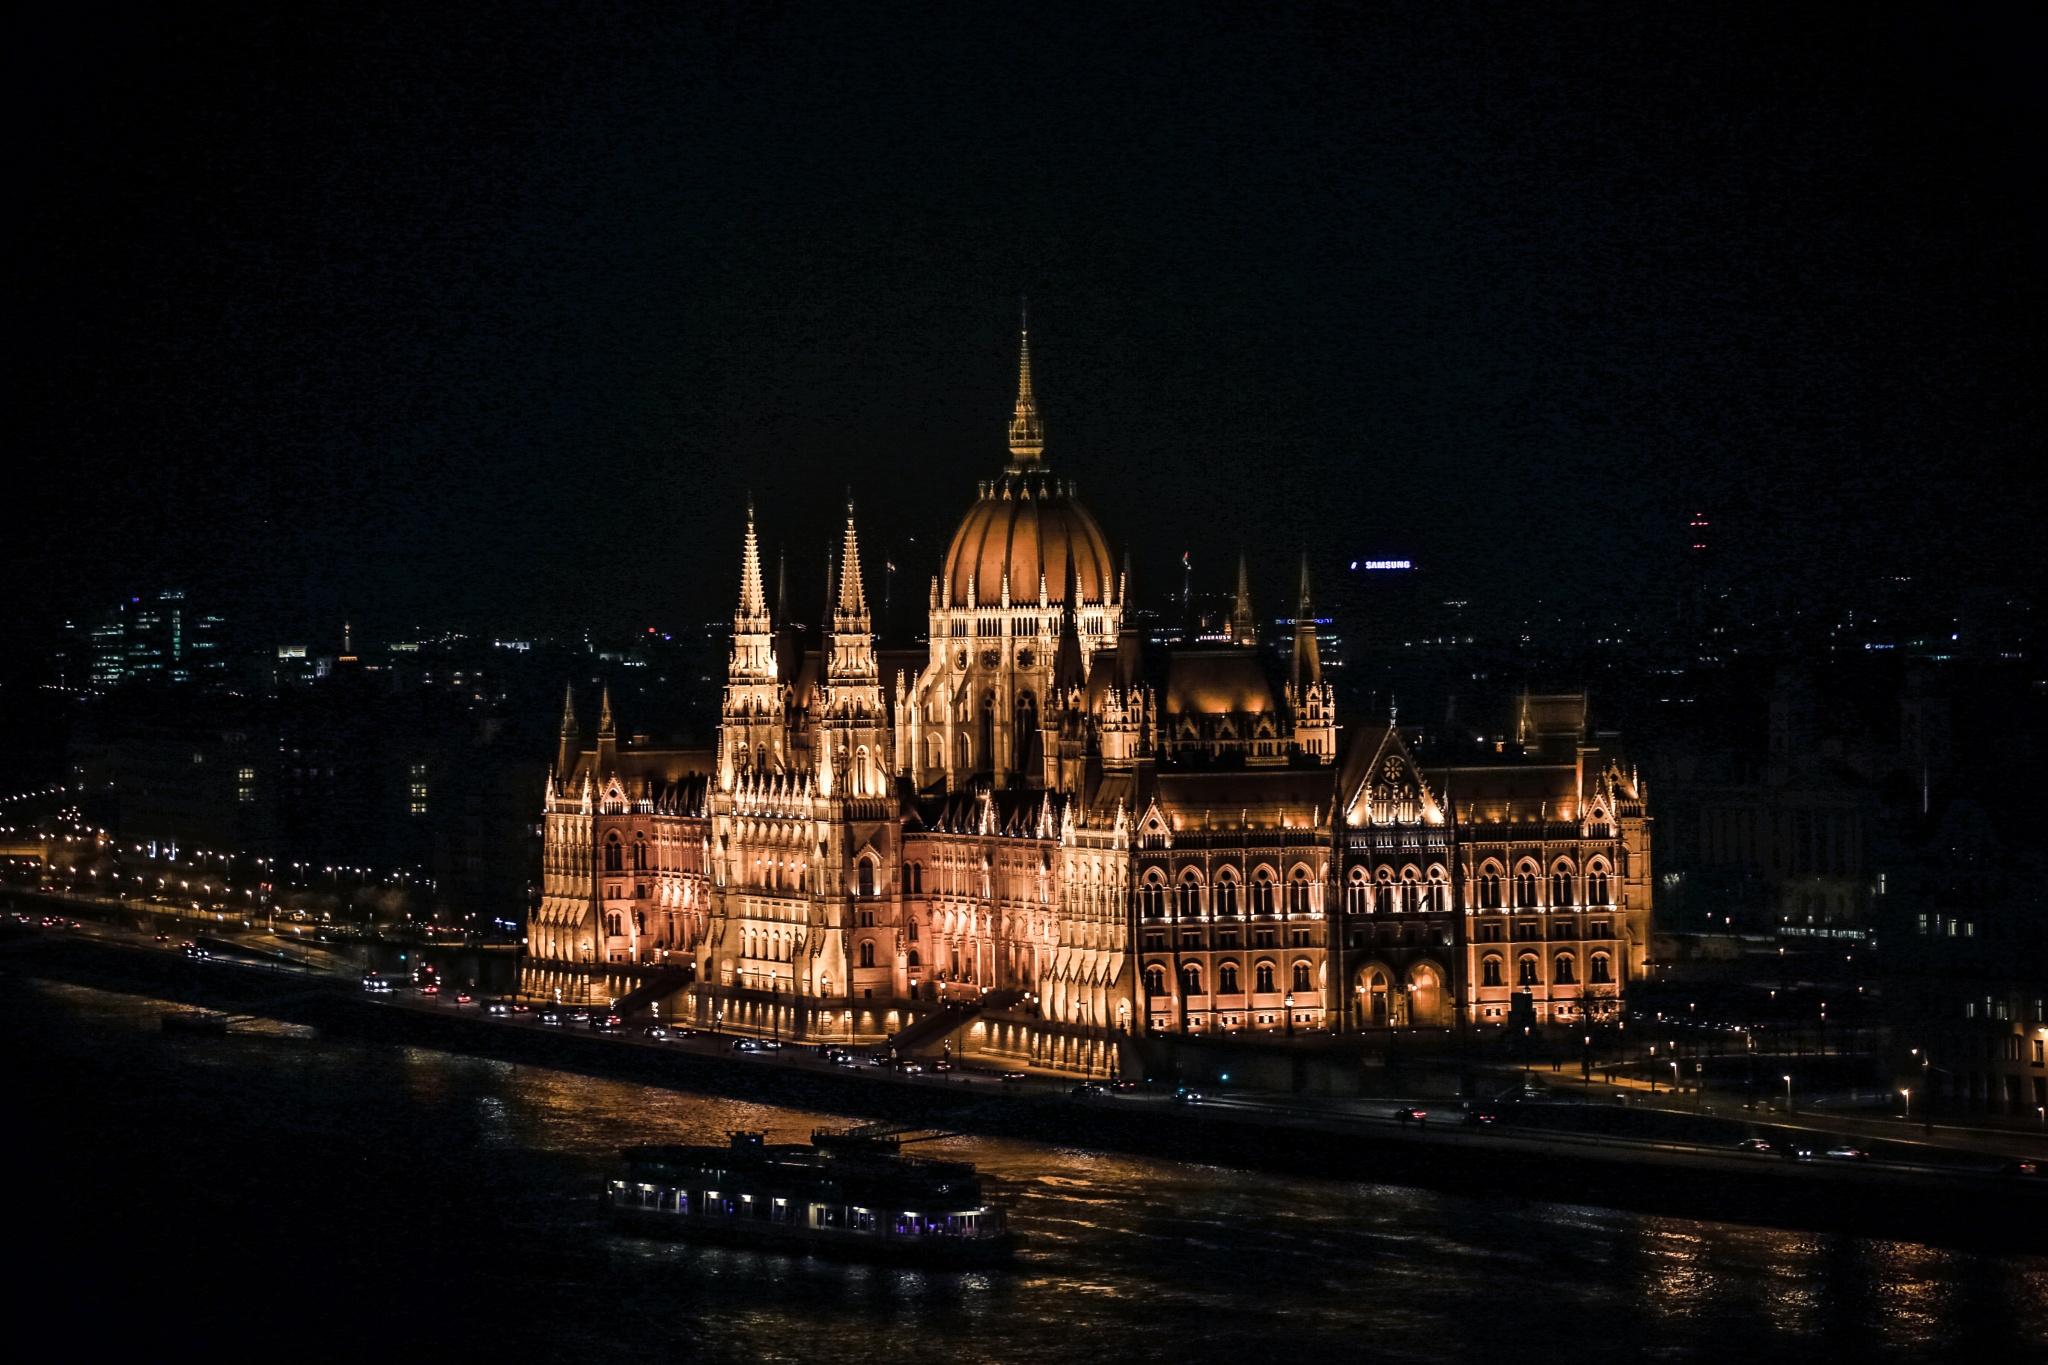 parlament by Kateřina Ševčíková